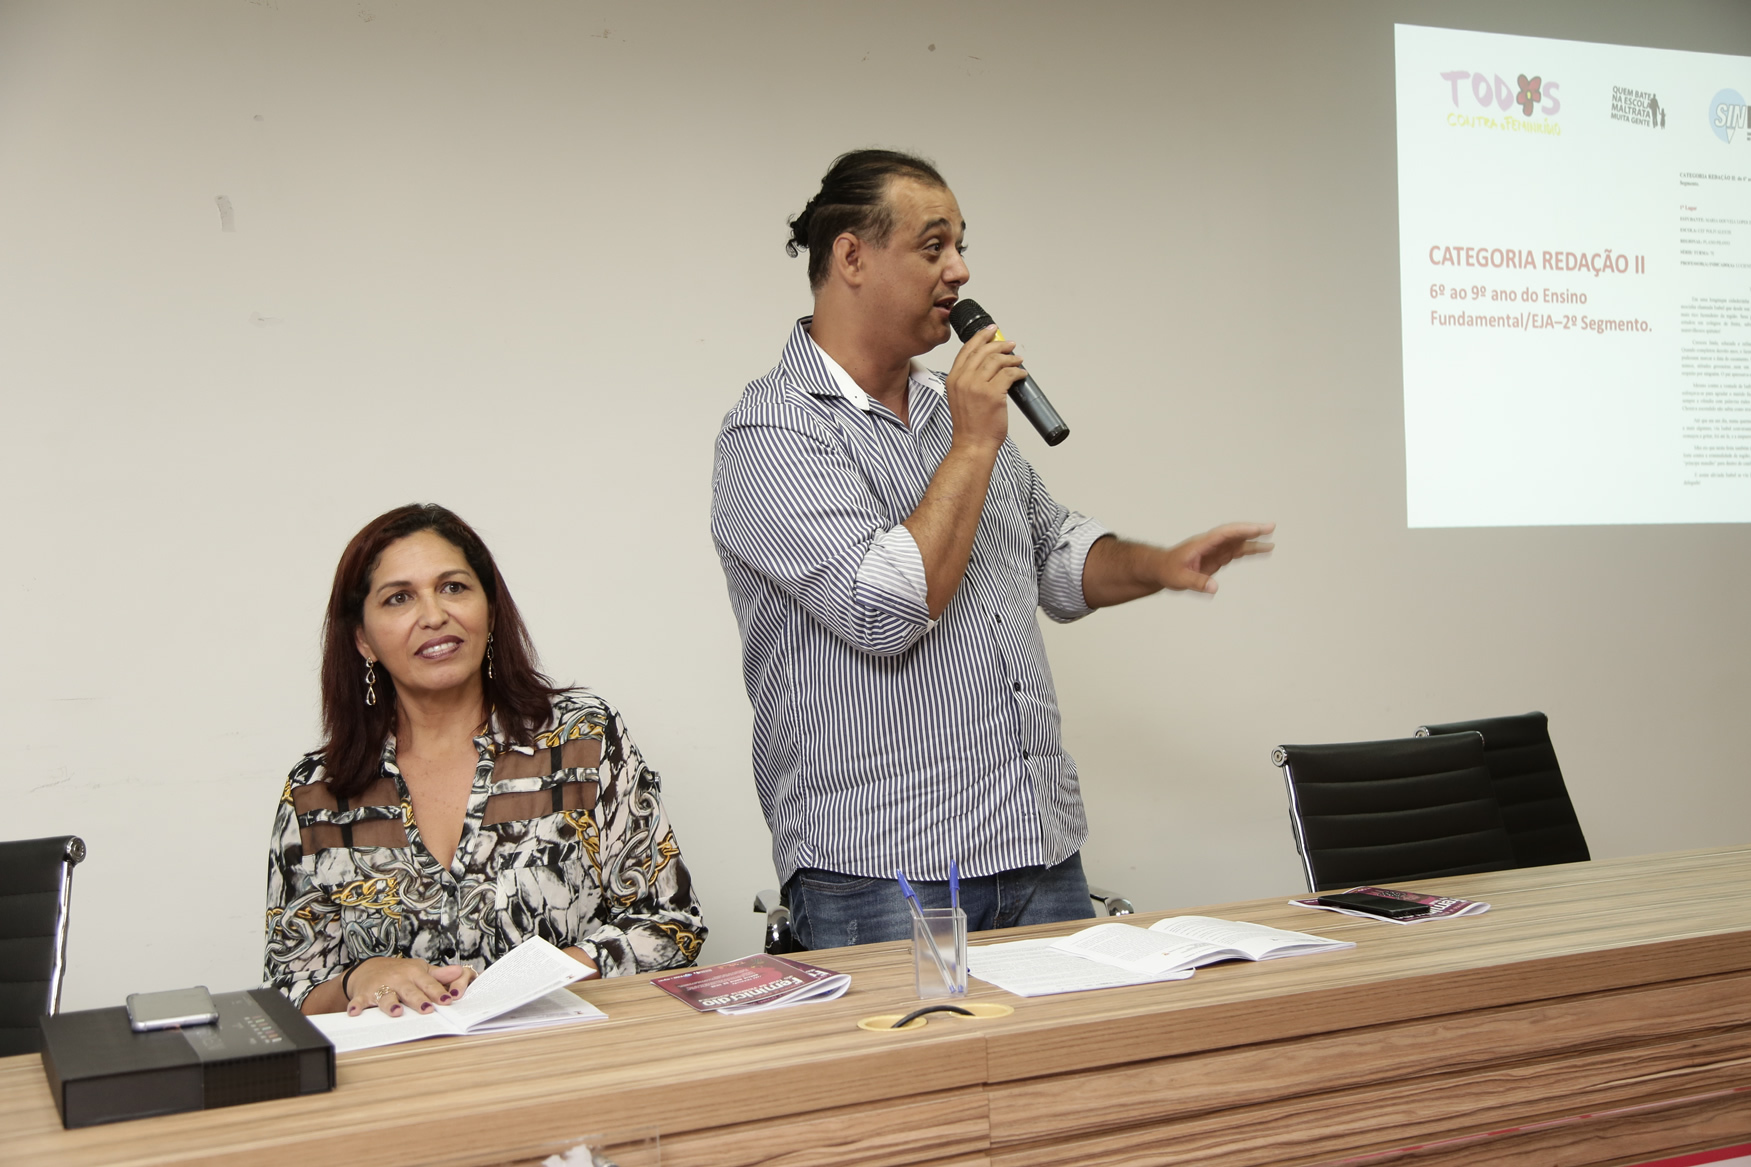 2019.05.19-Premiacao-do-X-Concurso-de-Redacao-do-Sinpro-DF_fotos-ECOM-56